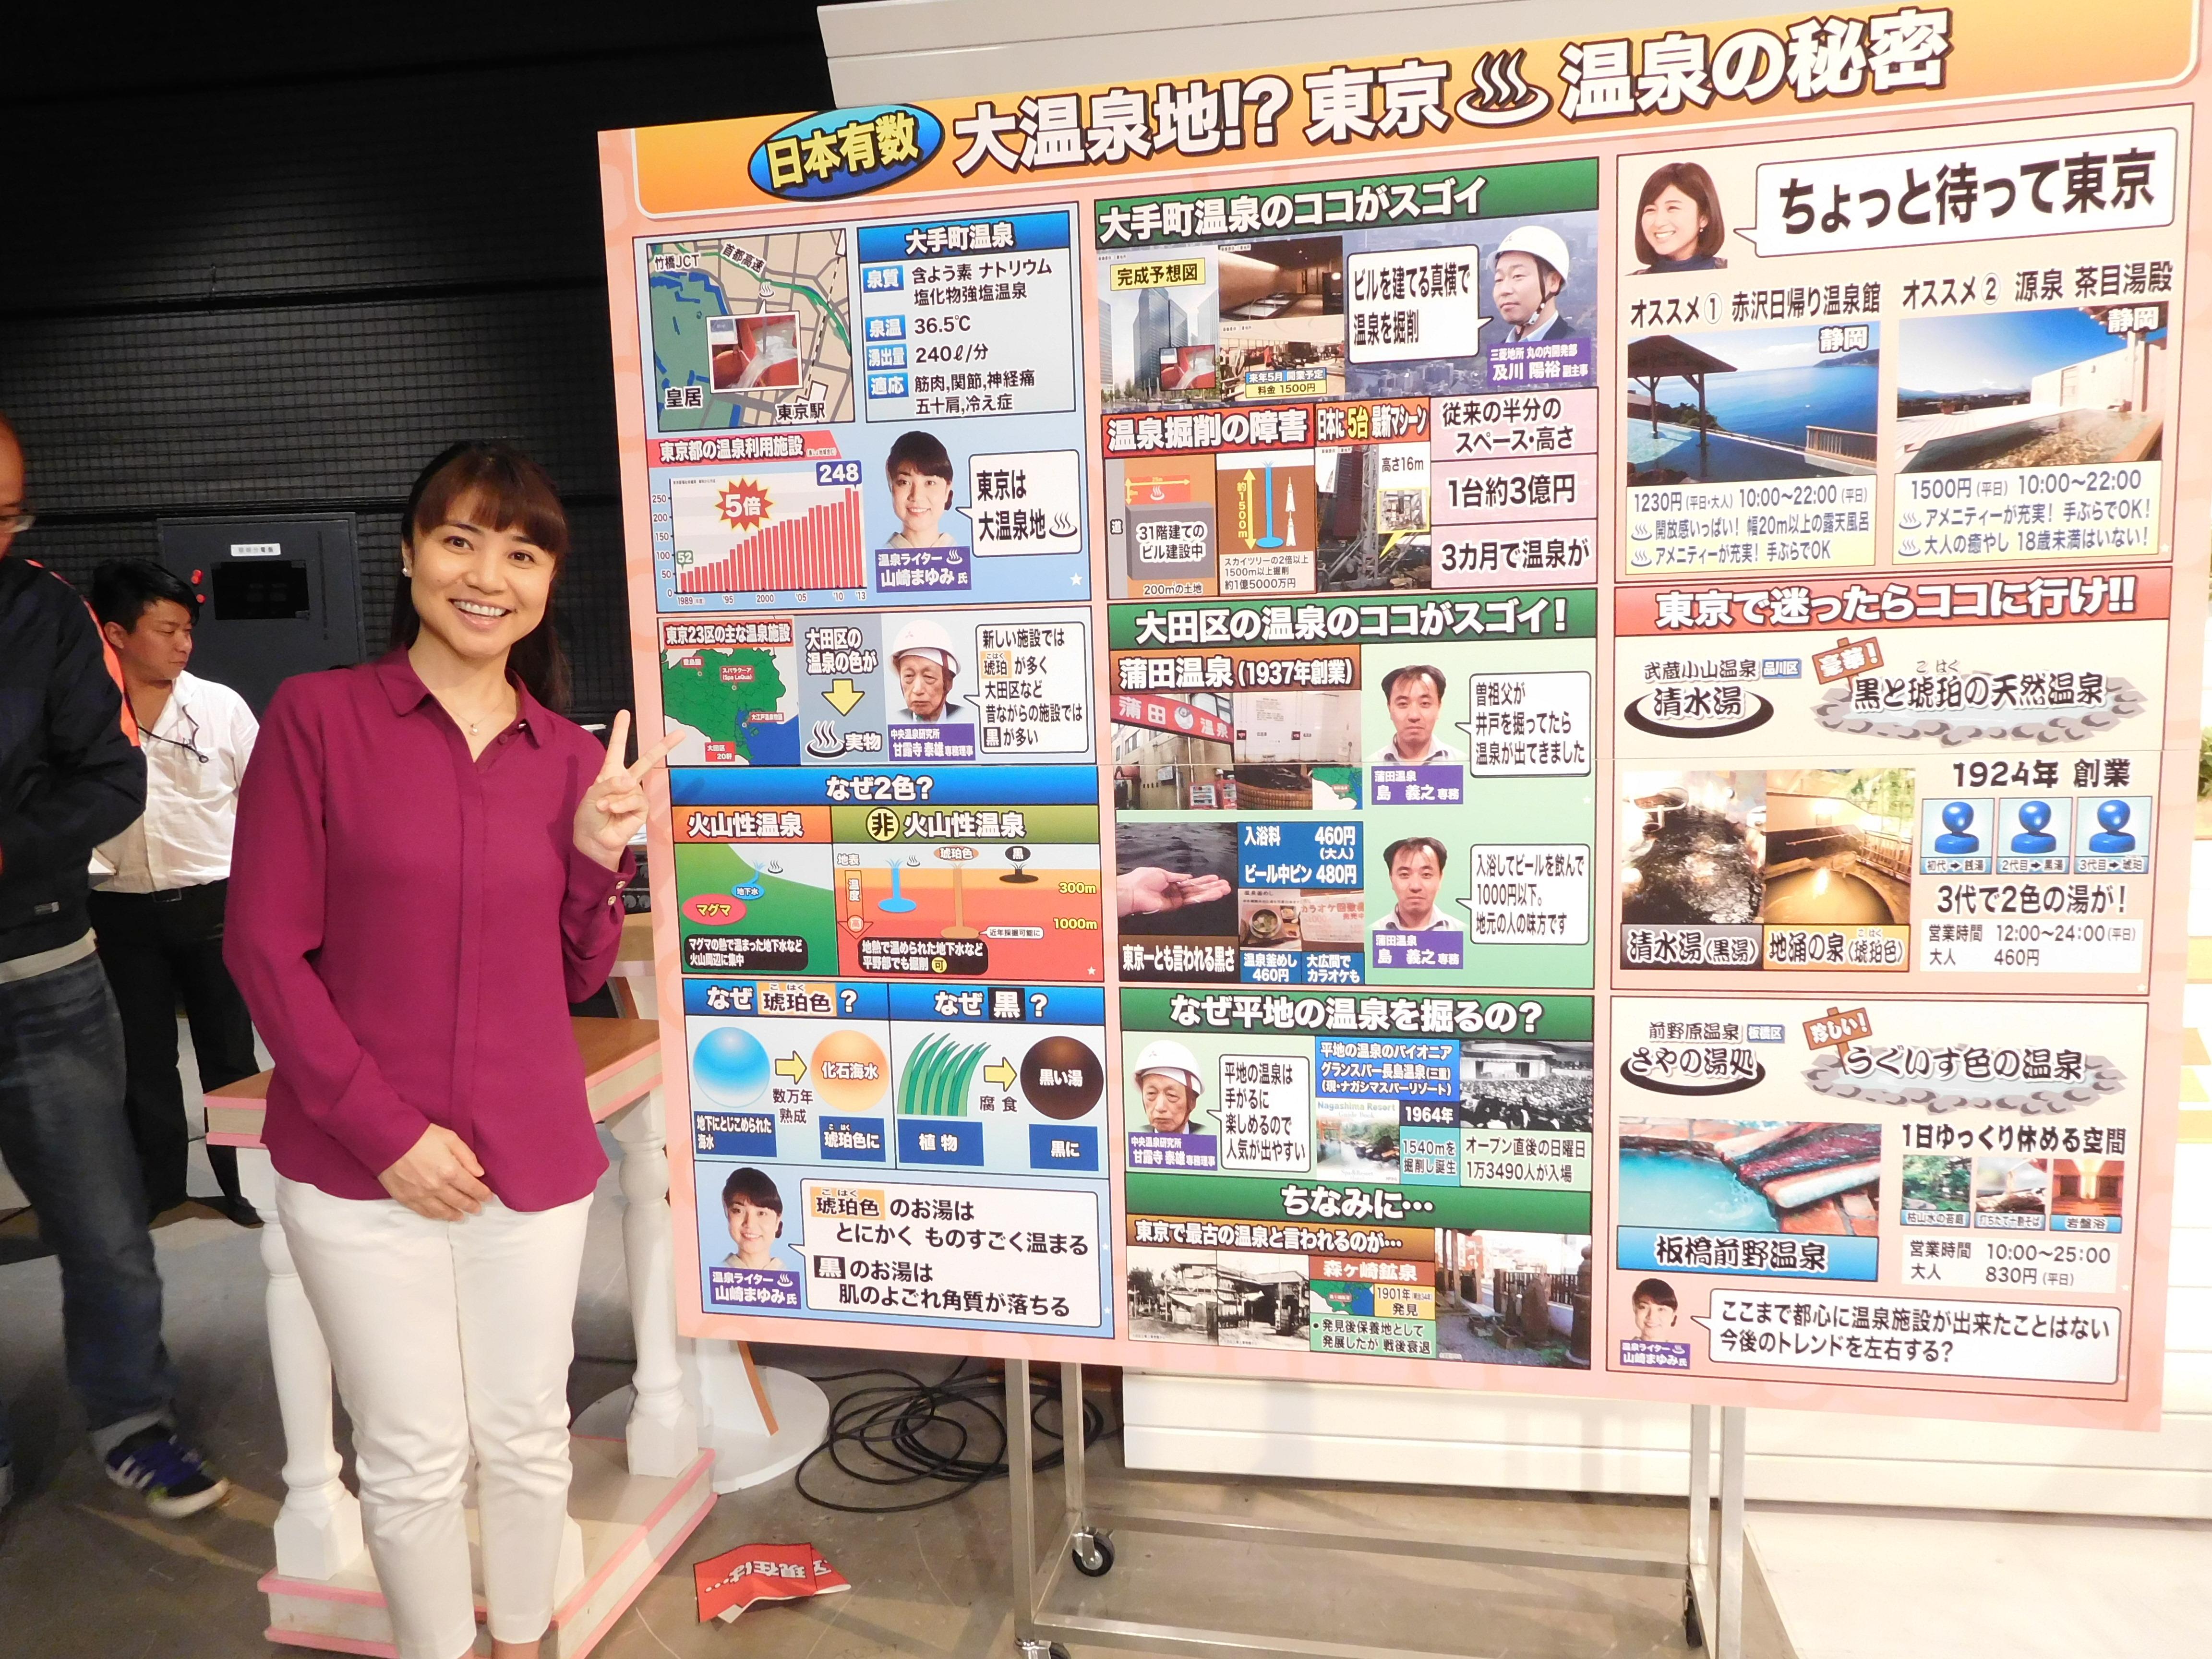 日本テレビ系列平日午前のワイドショー枠